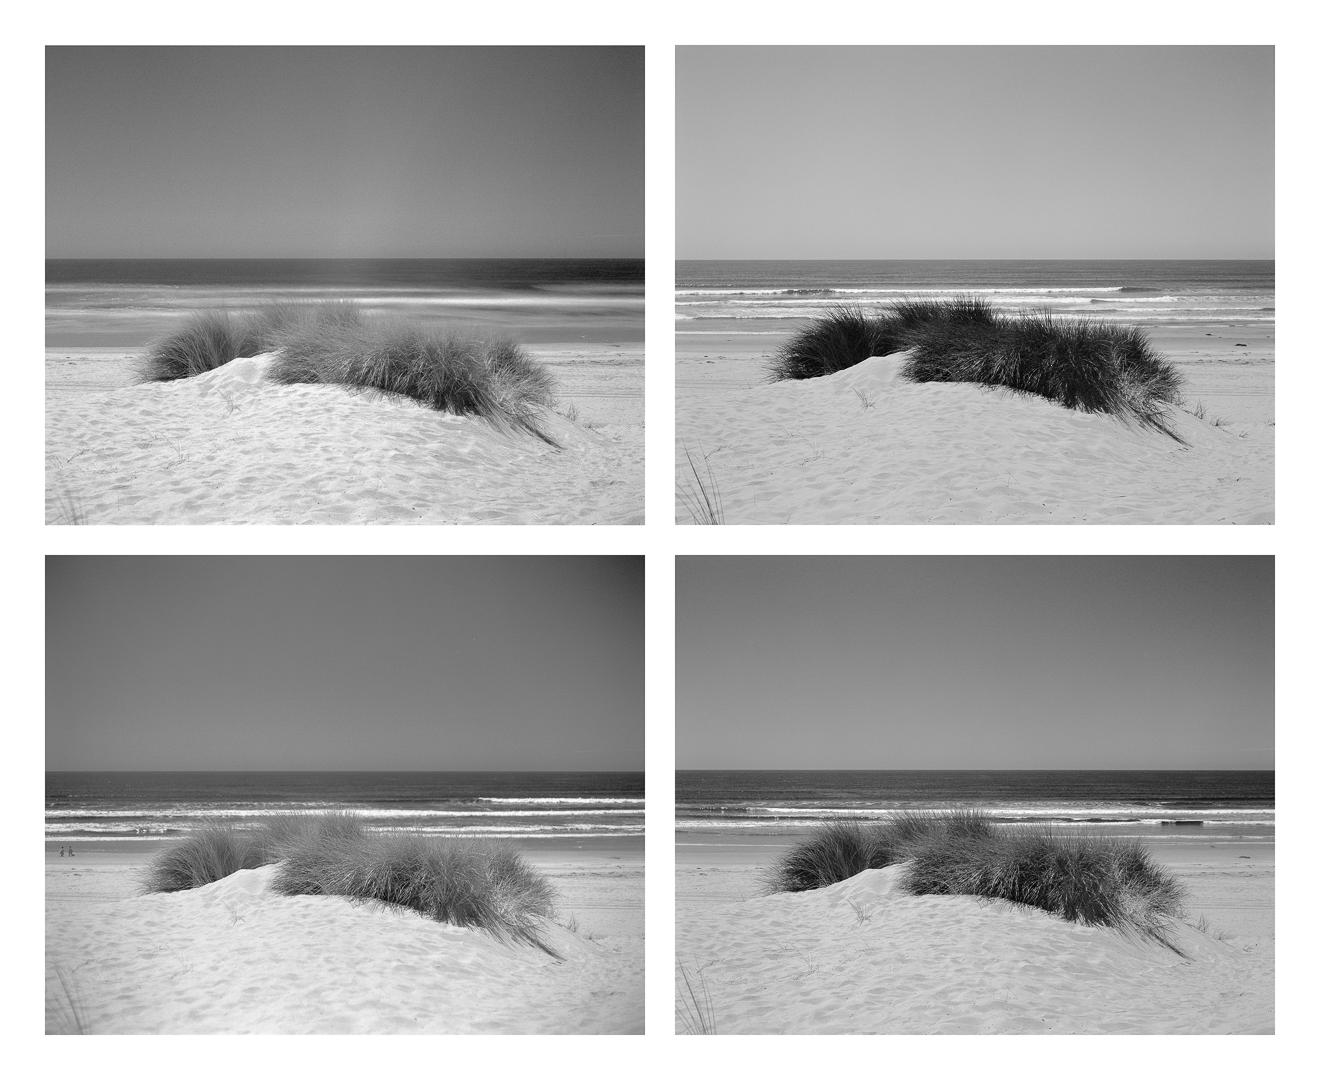 Dunegrass oceano r432gf